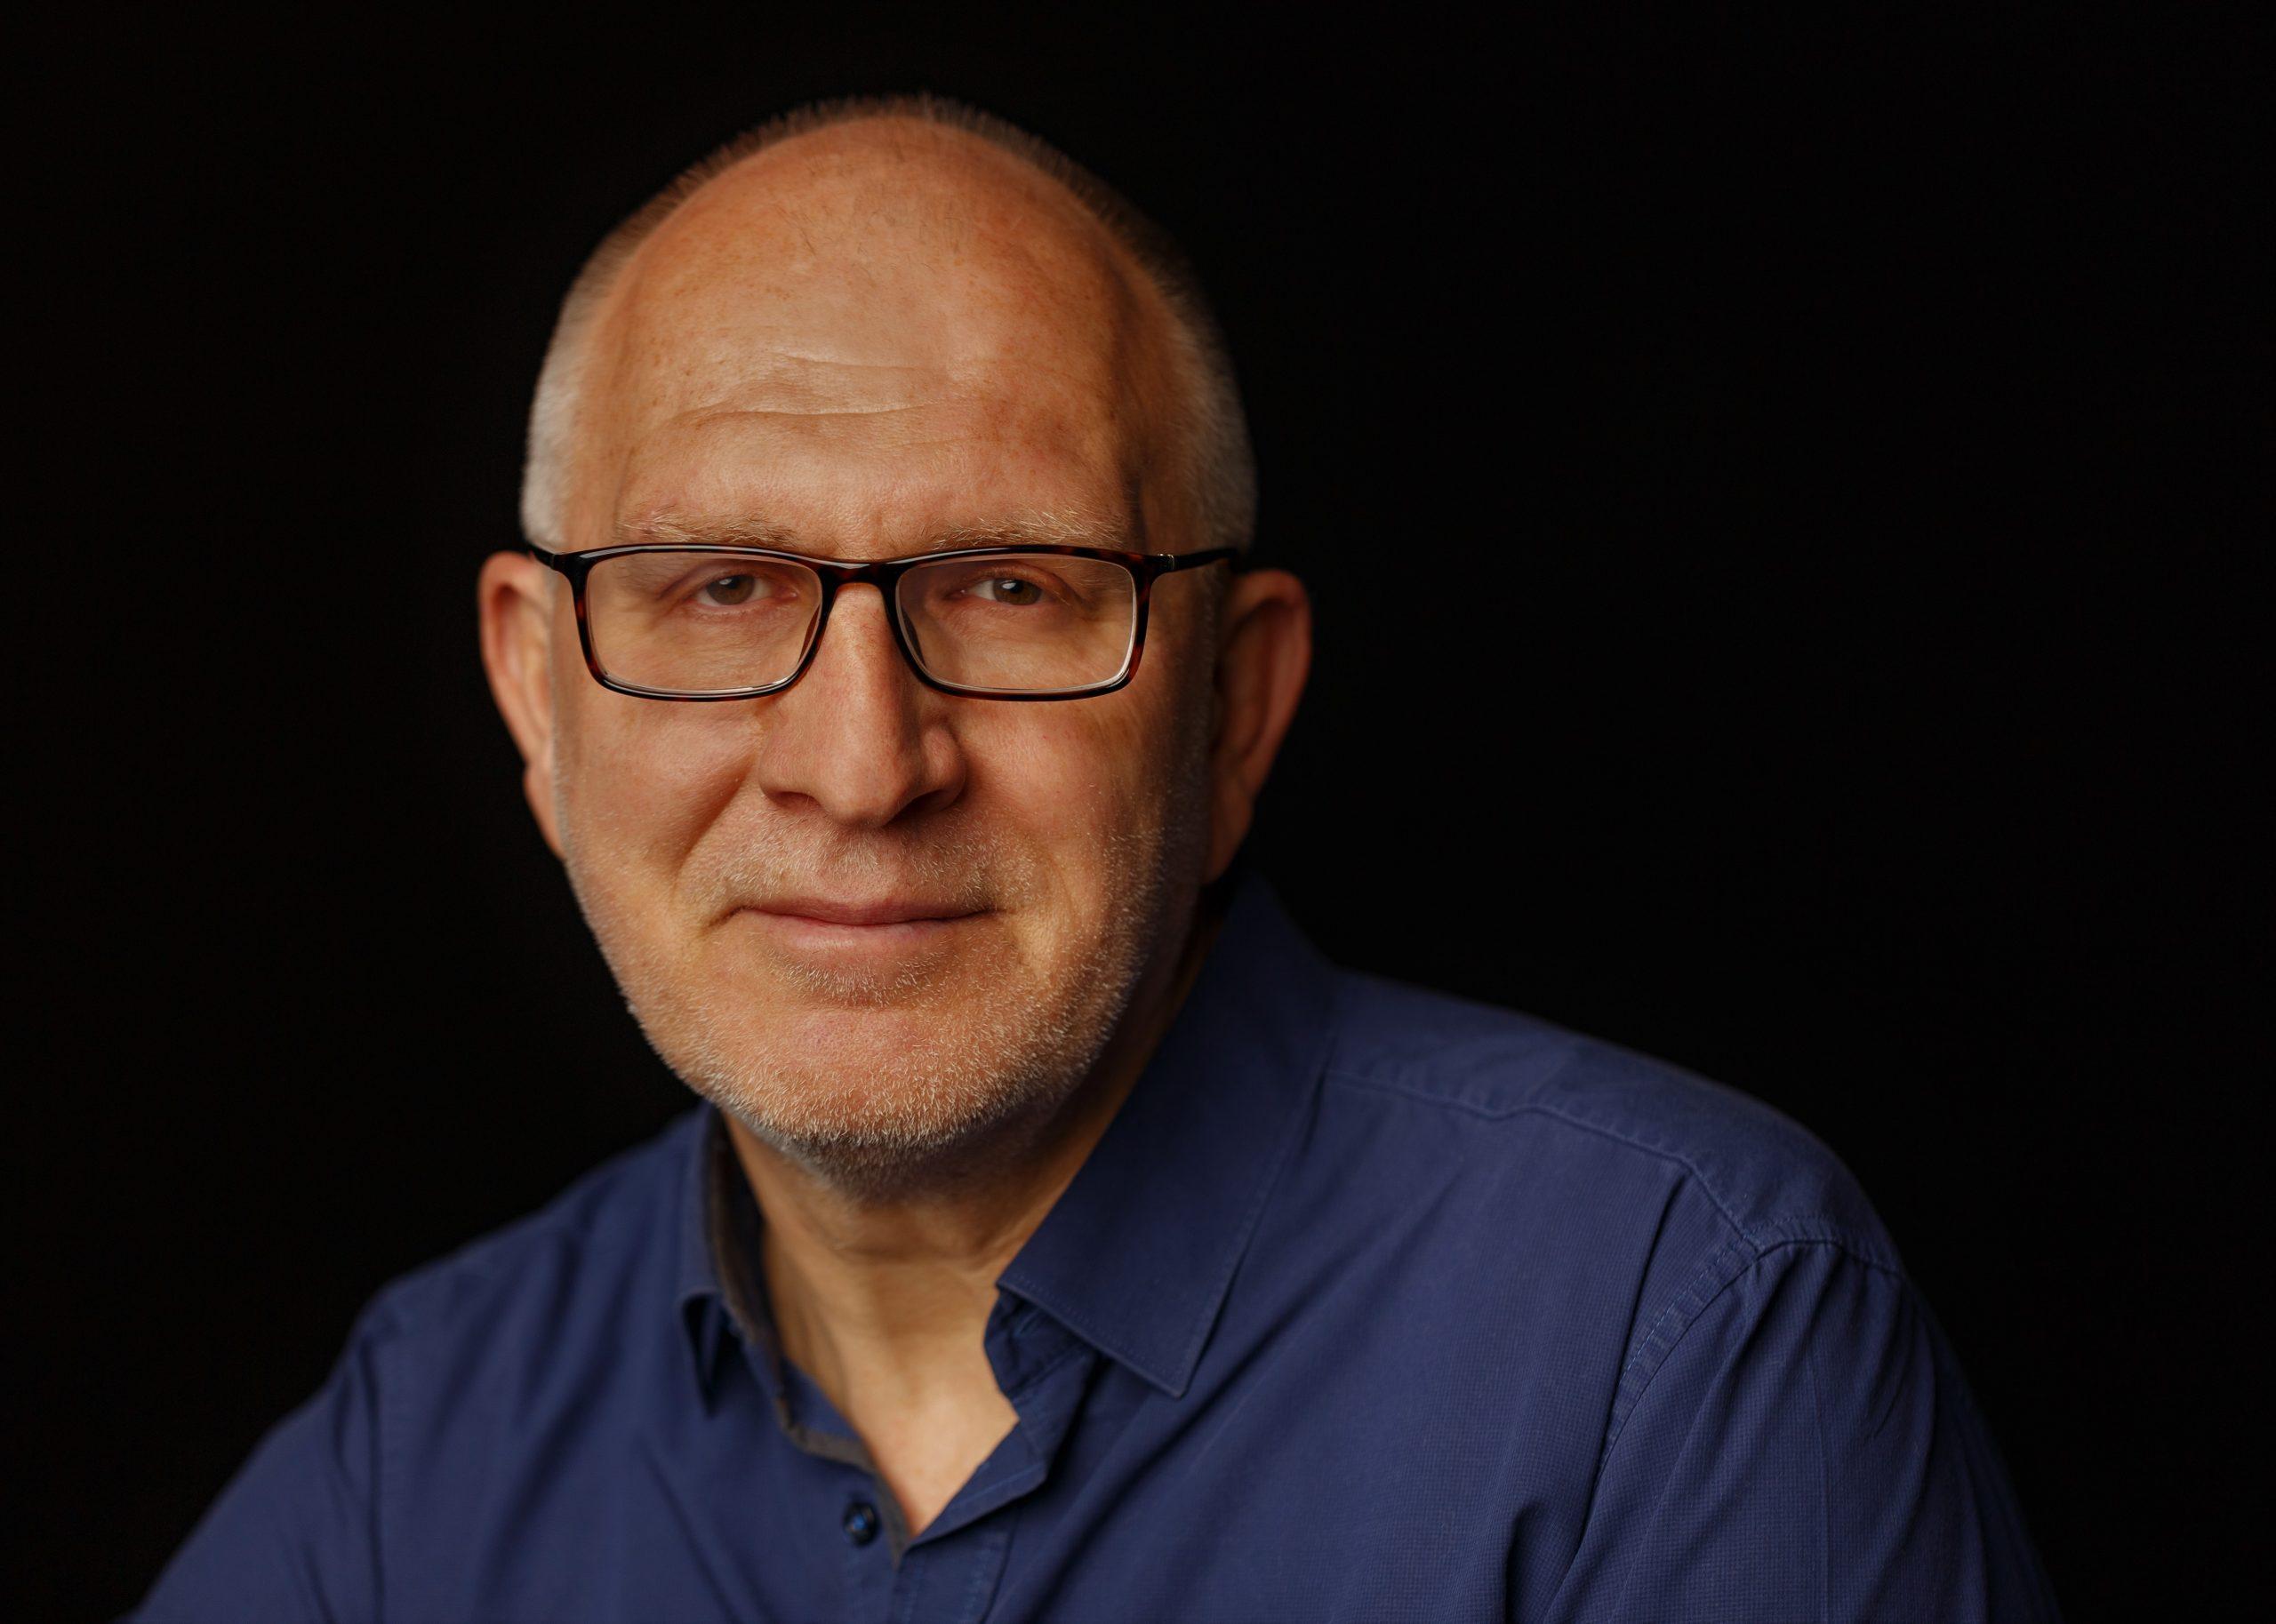 Jan Hüfner